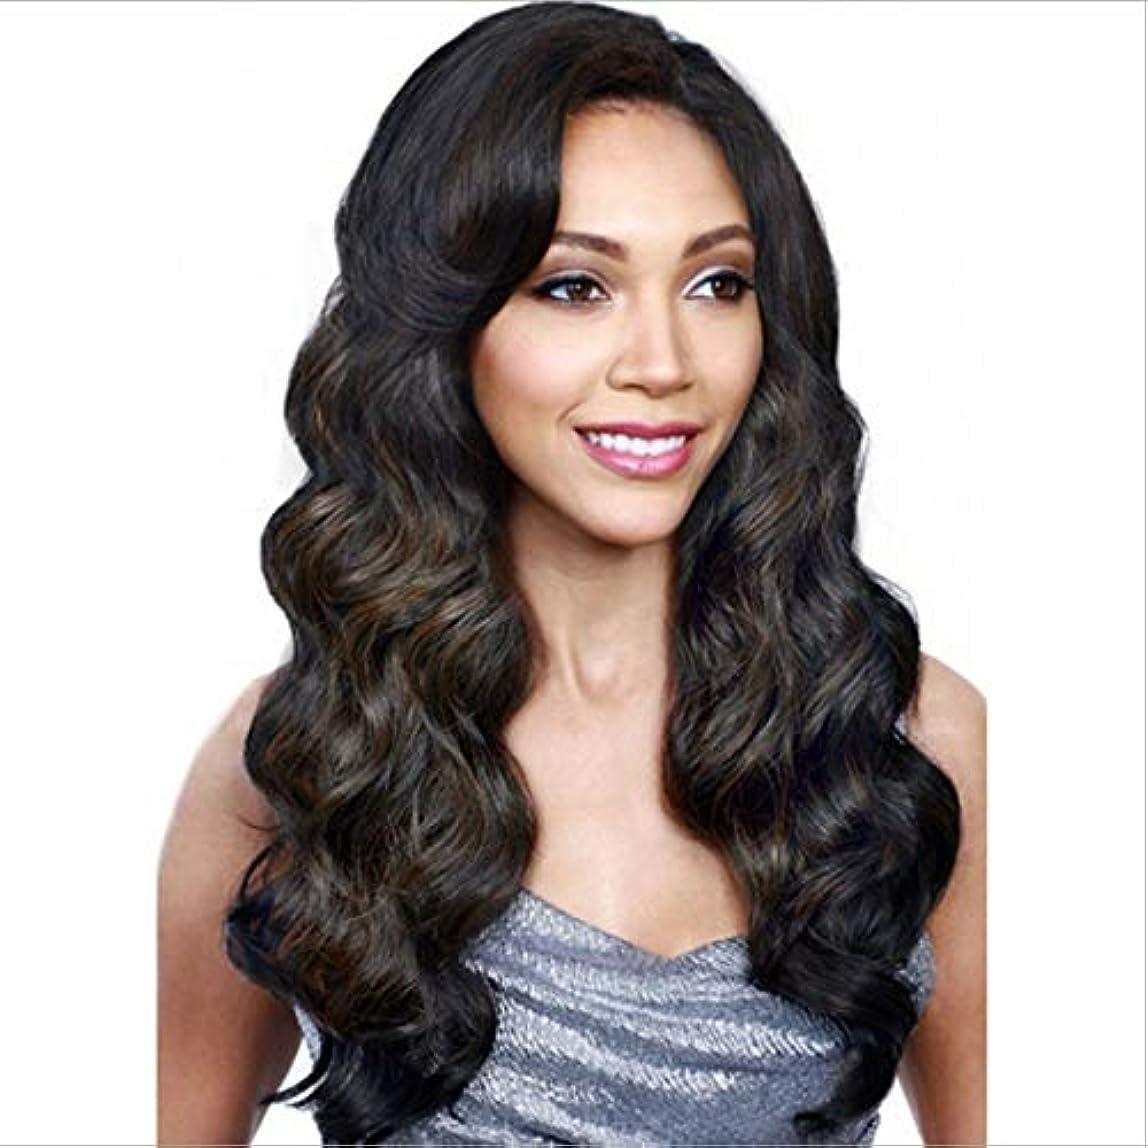 長々と刈るトリップSummerys 女性のための長い巻き毛の層状の耐熱性合成毛髪のかつらを分けてヘアセンターで合成女性のかつら